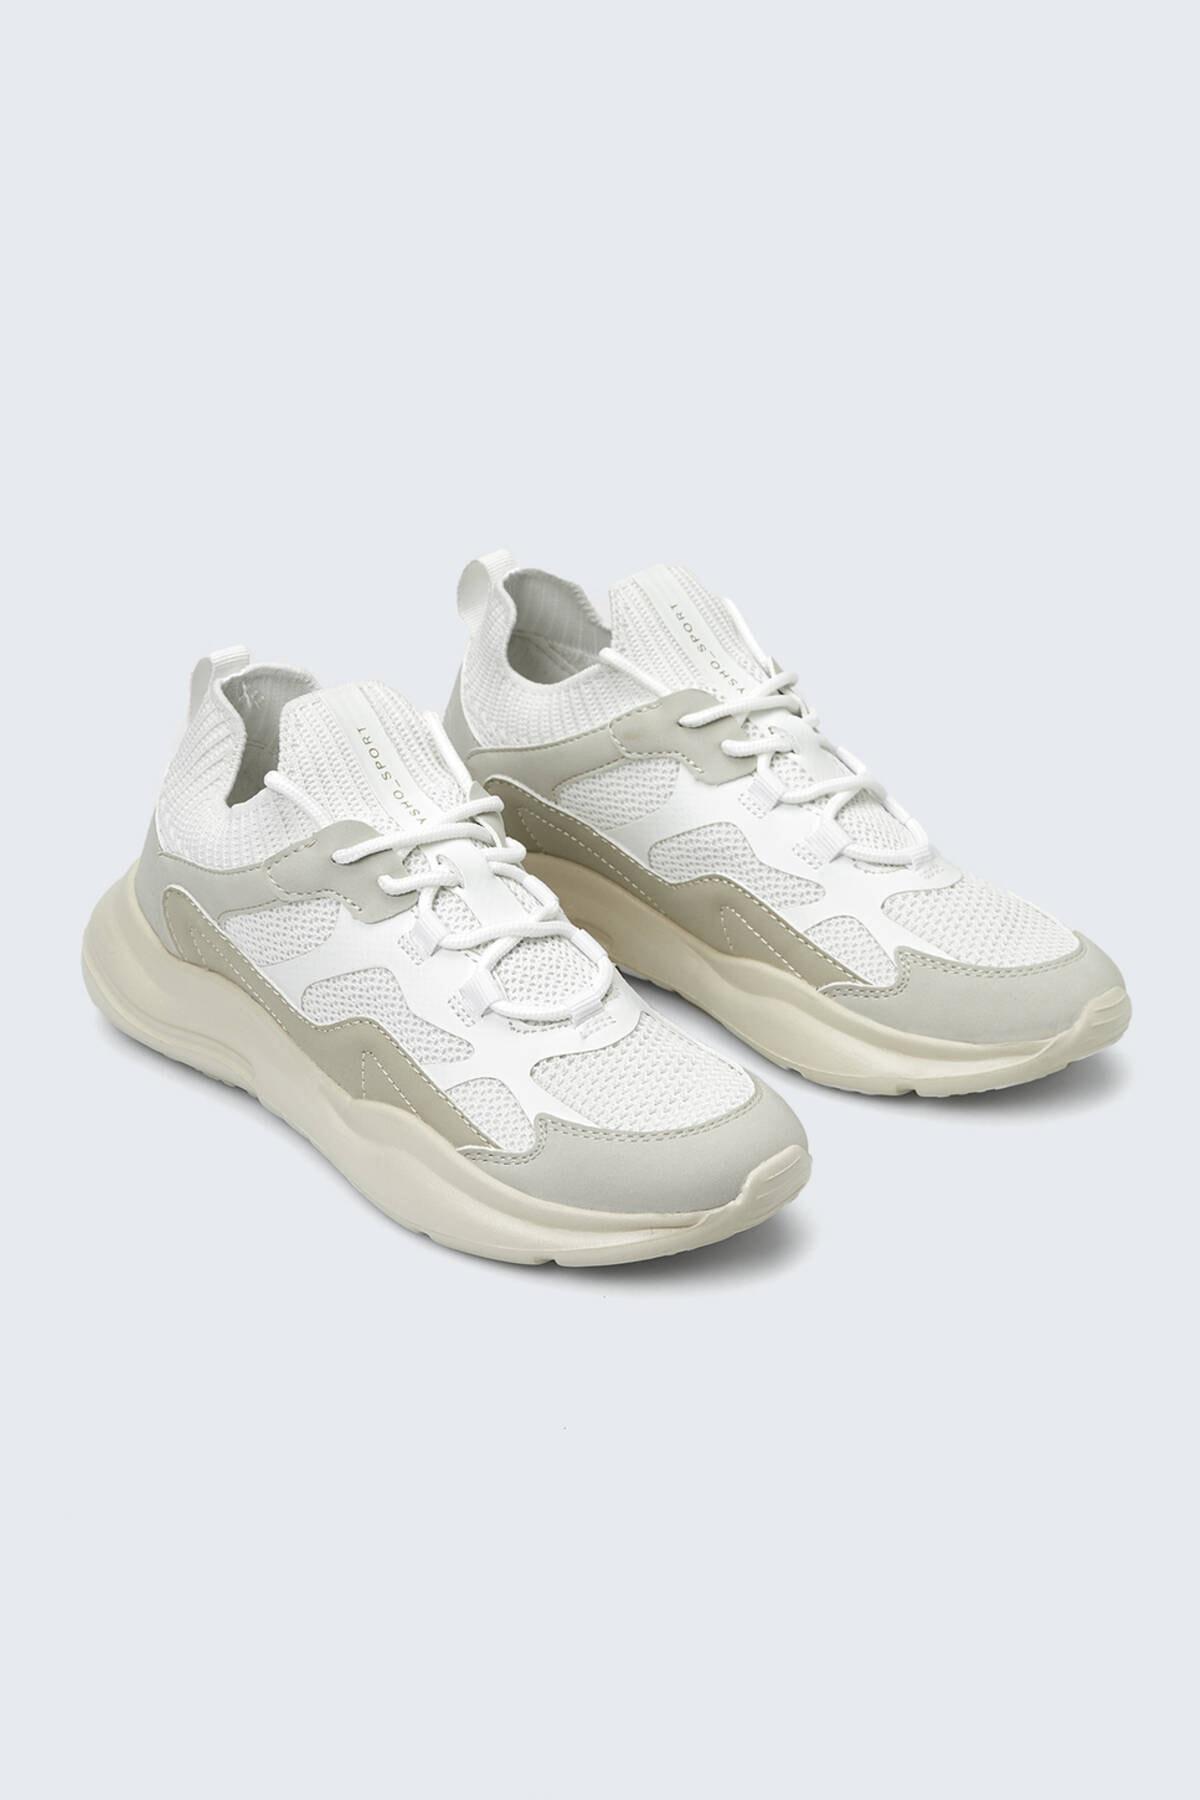 Oysho Kadın Ekru Parçalı Çorap Tarzı Spor Ayakkabı